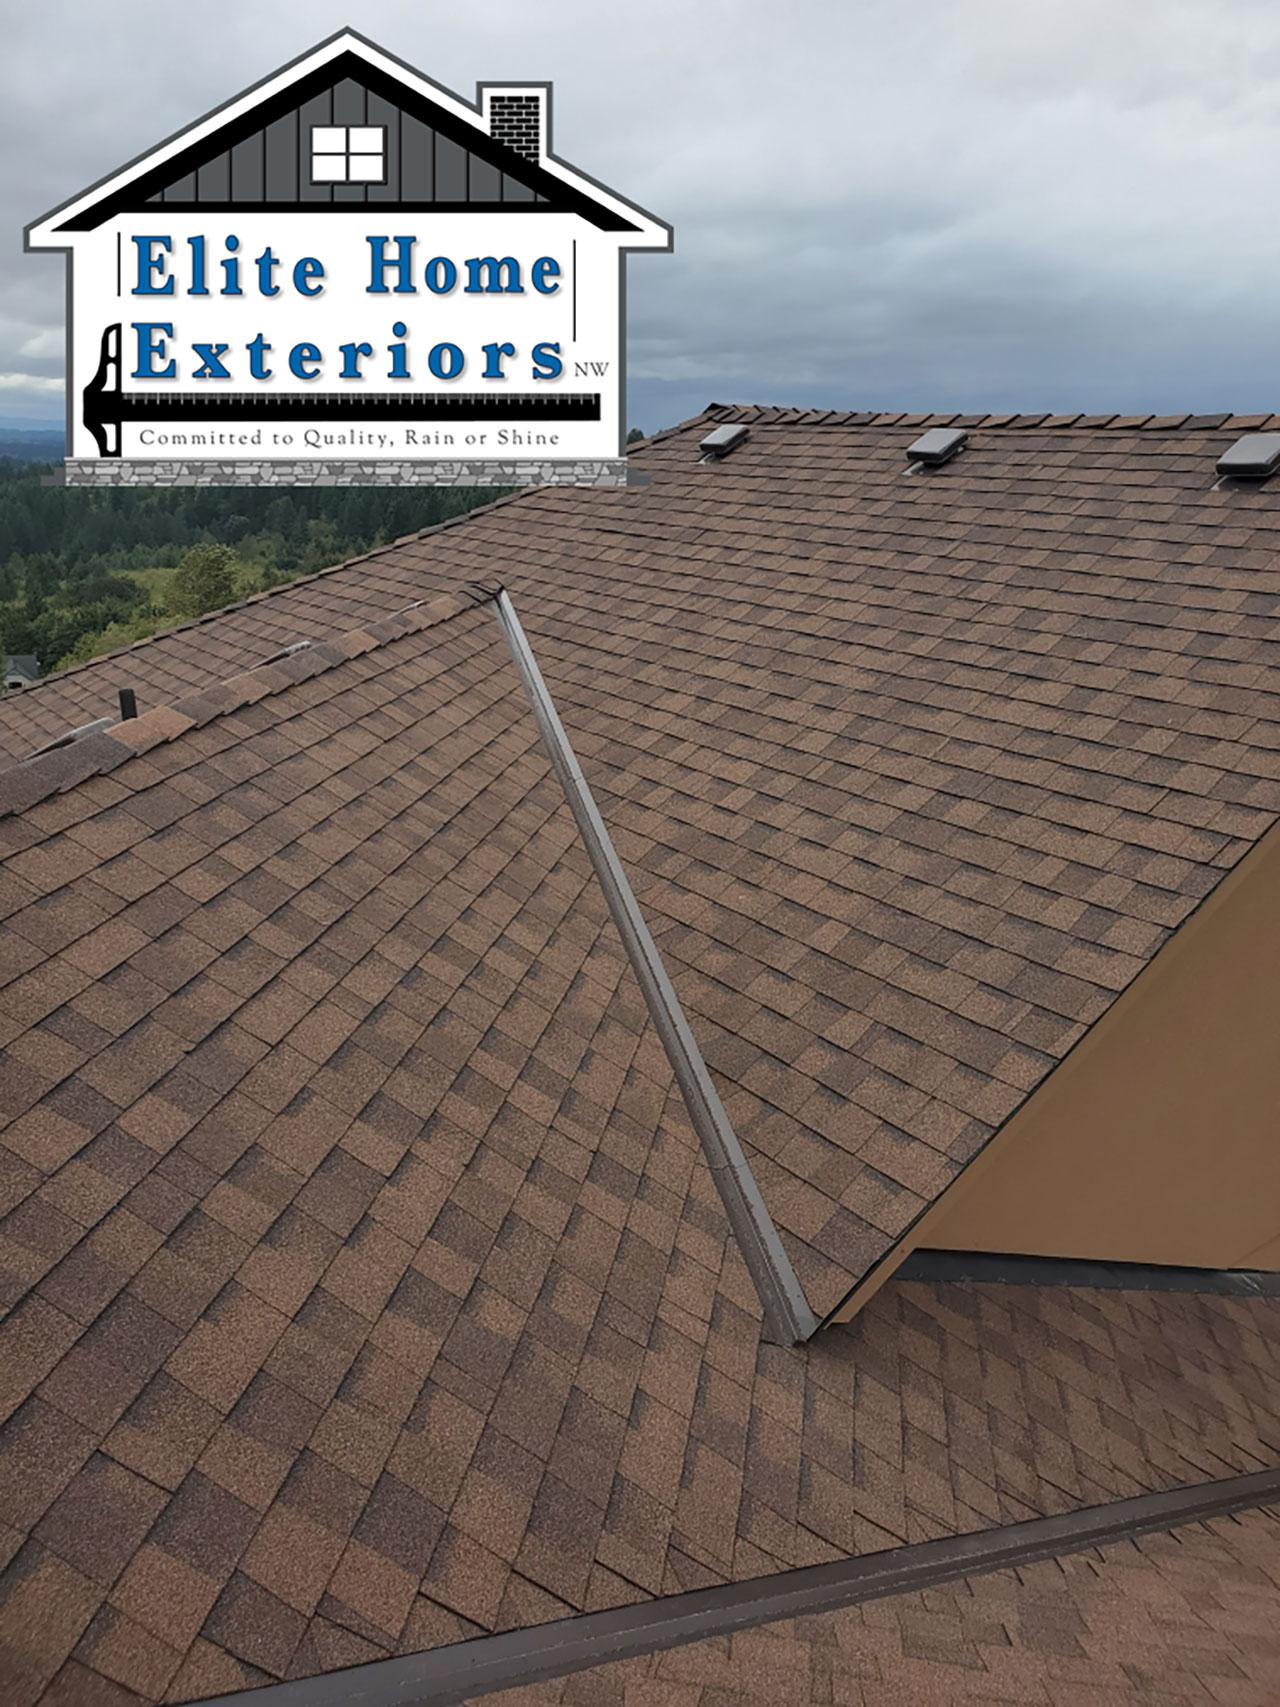 Certainteed Roof Replacement Brush Prairie Wa